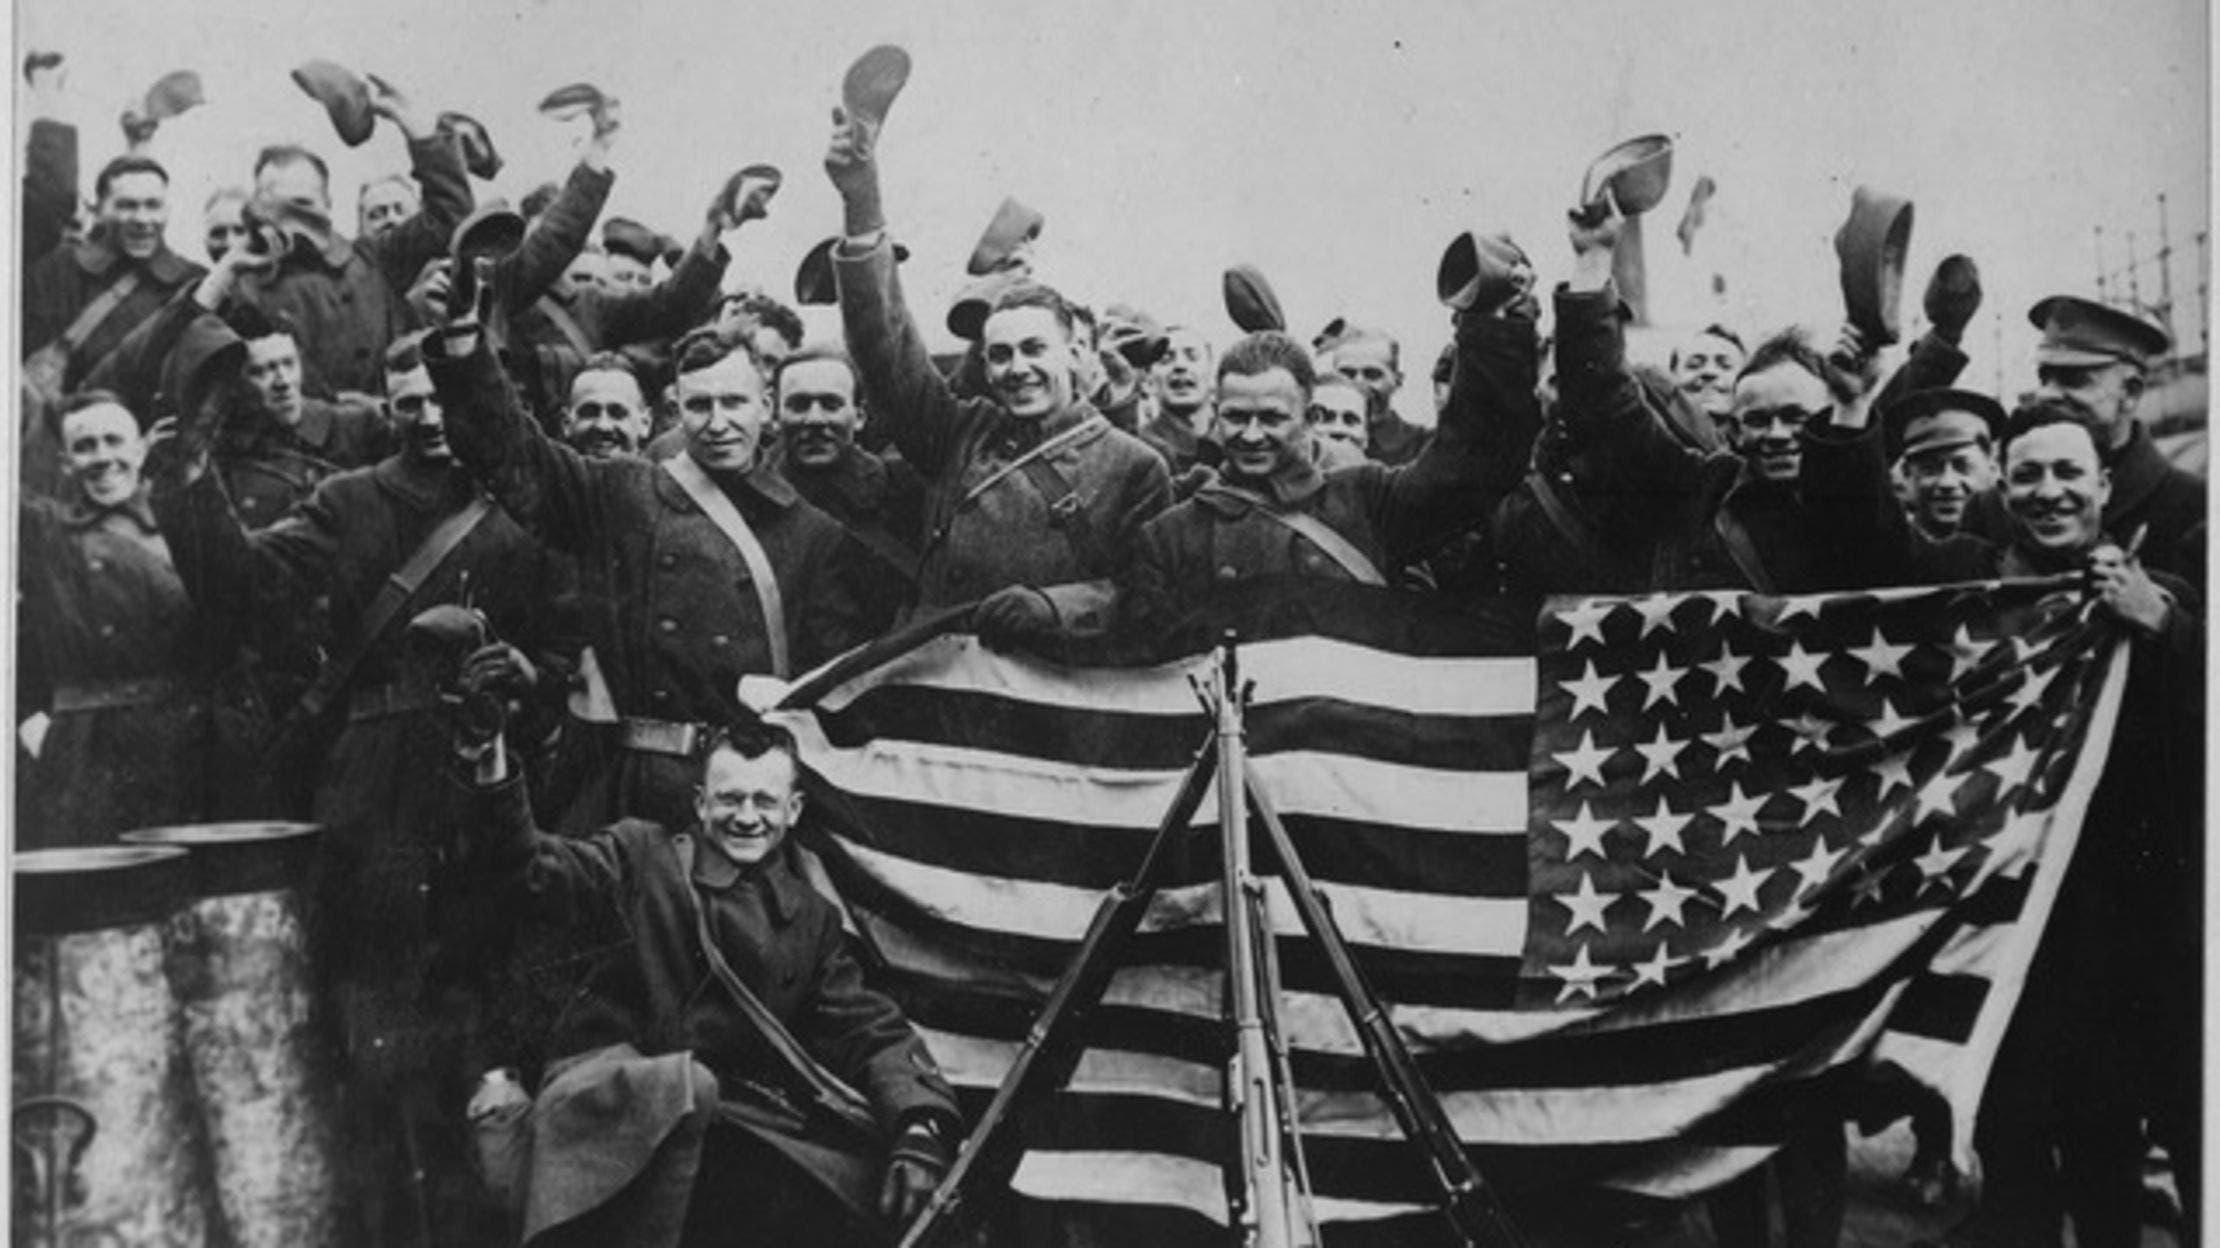 صورة لجنود أميركيين بالحرب العالمية الأولى